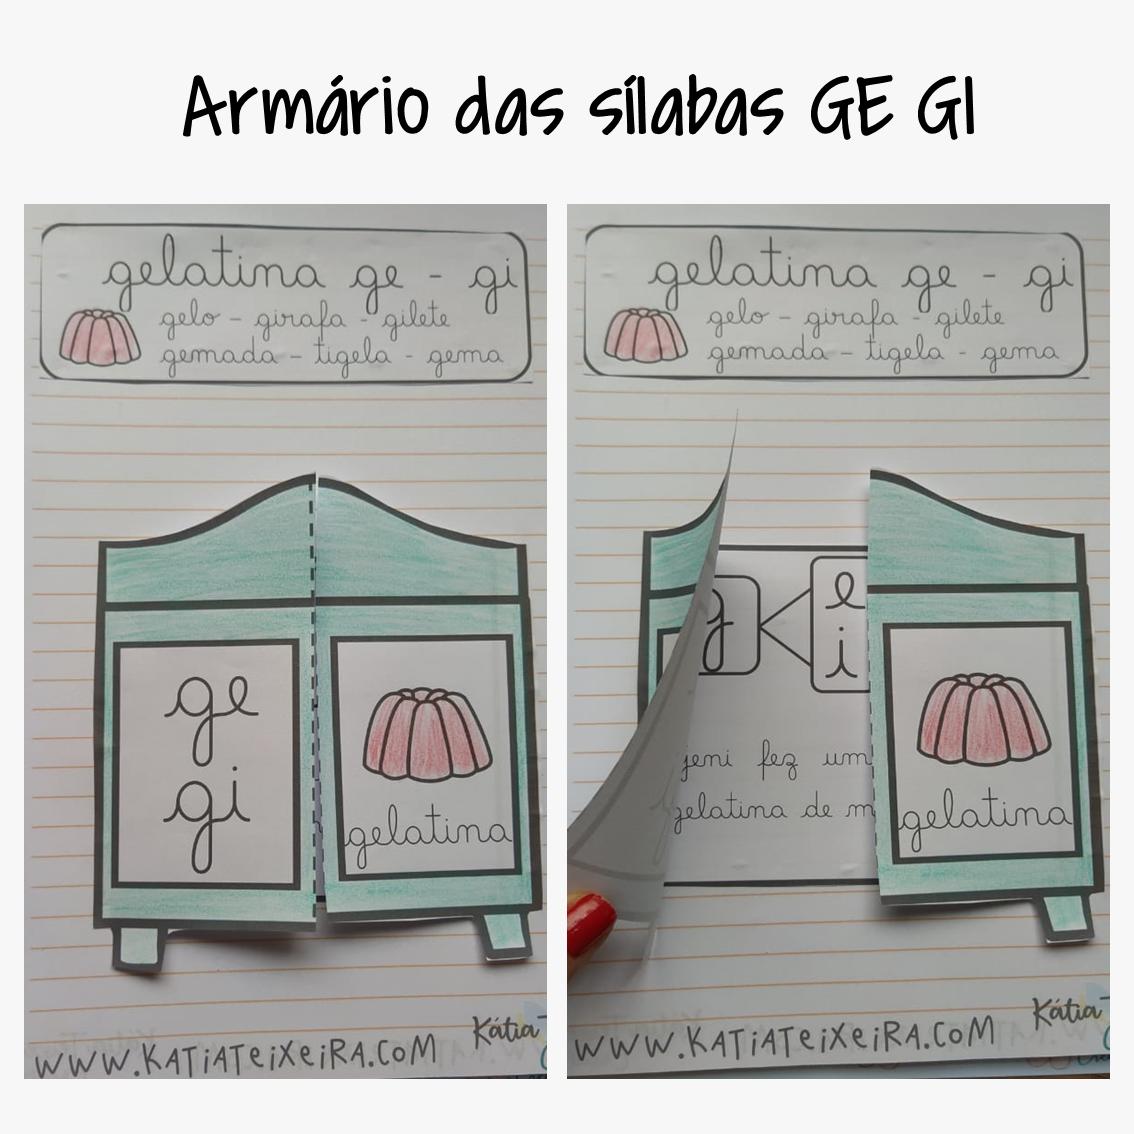 Atividade de alfabetização GE – GI – Atividade interativa